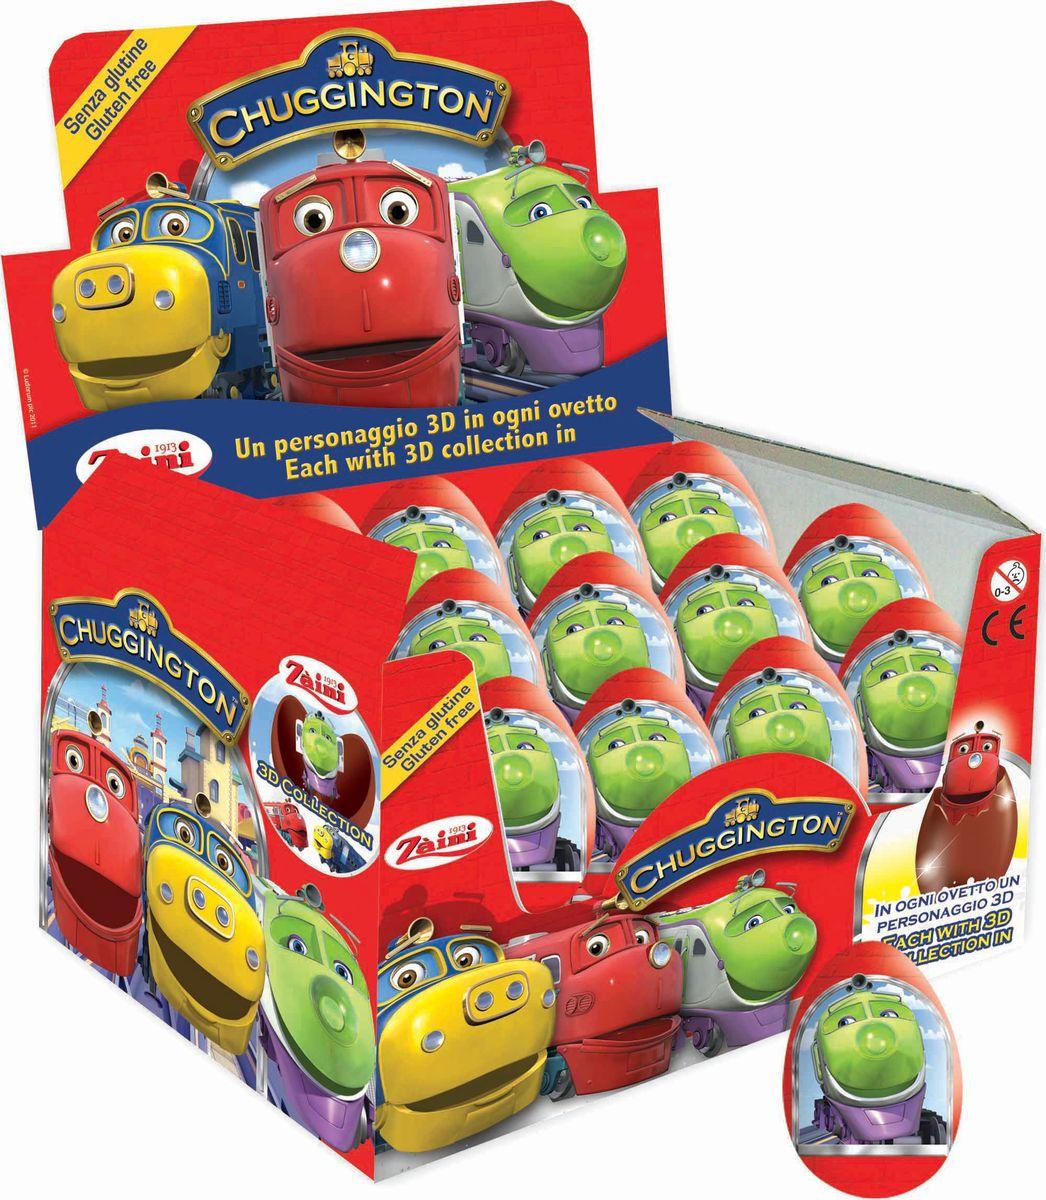 Паравозик Chuggington шоколадное яйцо с игрушкой, 24 шт по 20 г8004735069778Добро пожаловать в Чаггингтон - удивительный городок, населенный приветливыми паровозиками. Каждый день они узнают что-то новое, радуются открытиям и обожают приключения! Трое друзей - паровозики Коко, Уилсон и Брюстер - еще совсем малыши, под руководством опытных наставников они осваивают науку доставки грузов.Коробка состоит из 24 шоколадных яиц, каждое яйцо из натурального бельгийского шоколада, внутри сюрприз - игрушка и вкладыш с описанием героя. В коллекции представлено 8 разных коллекционных игрушек - героев мультфильма.Найди всех любимых героев мультфильма и собери коллекцию!